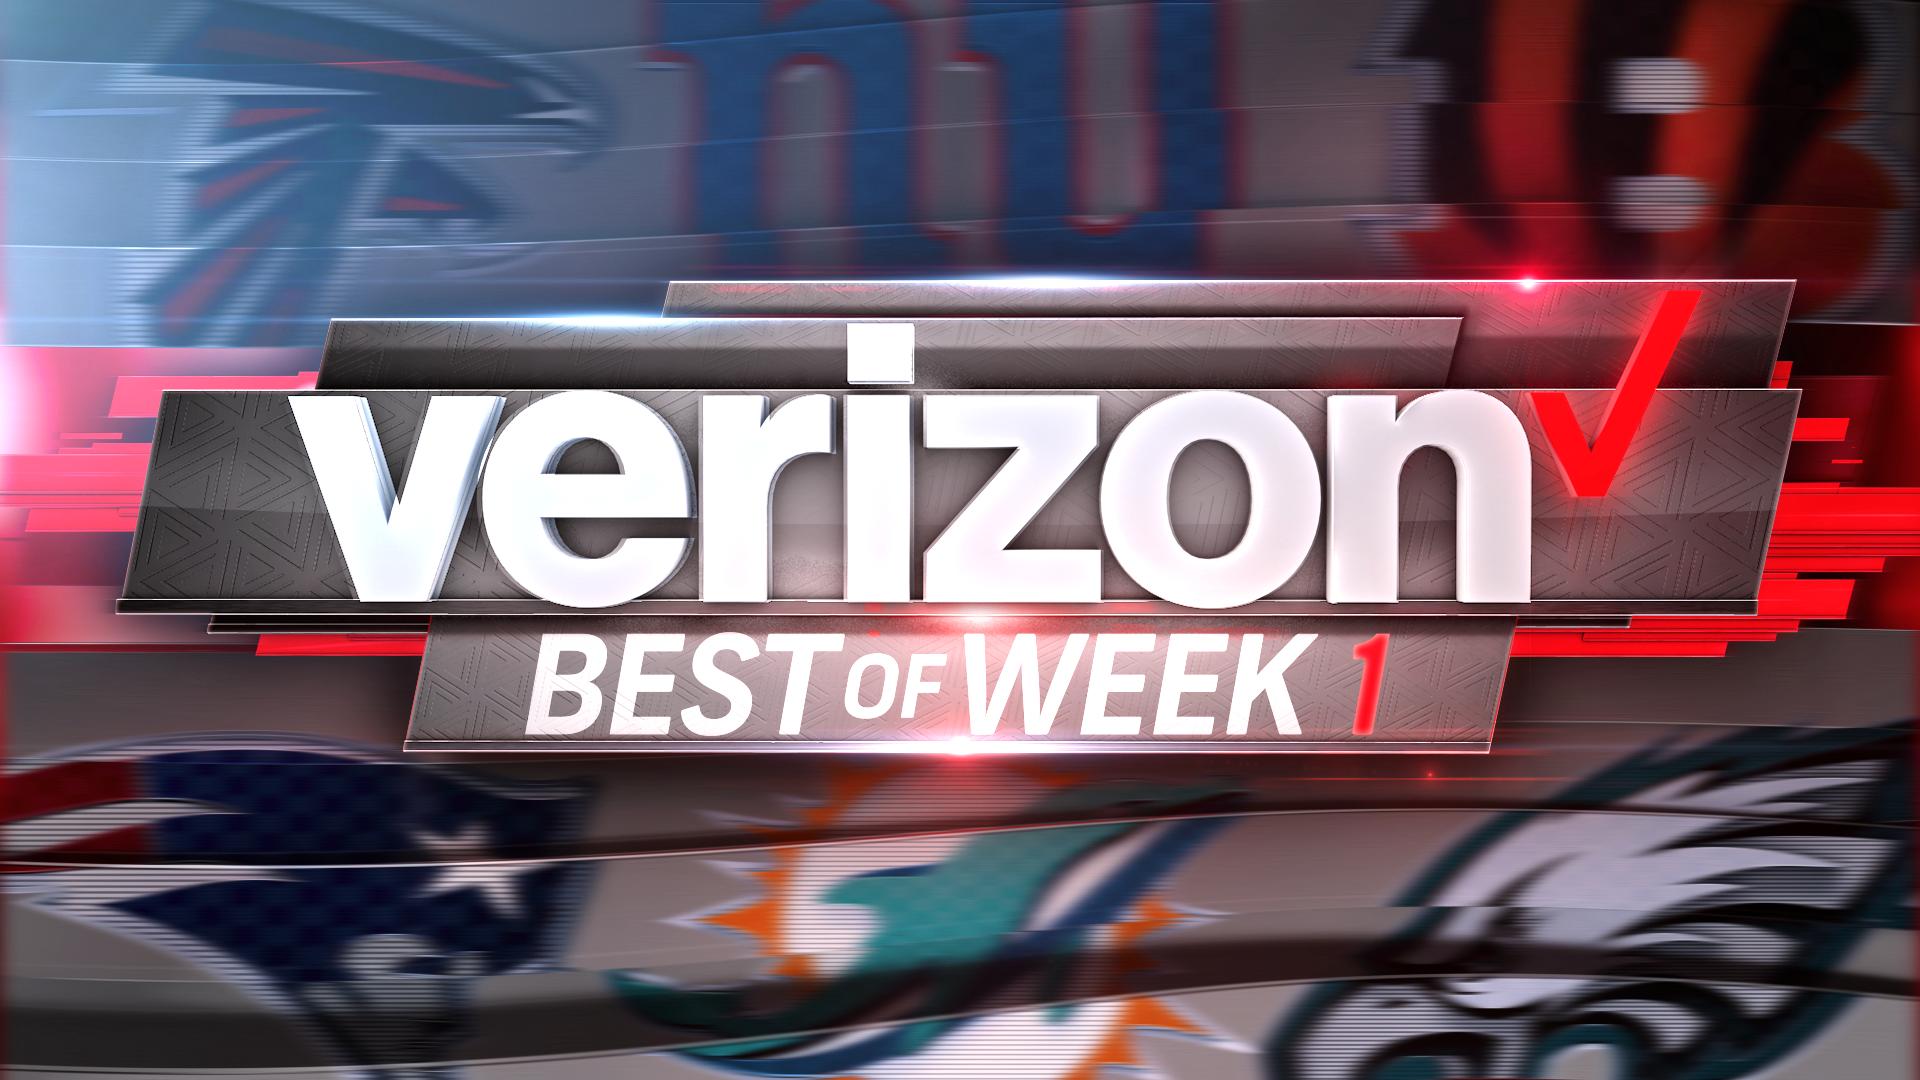 _Verizon_BestOfWeek_Preview_v1.png